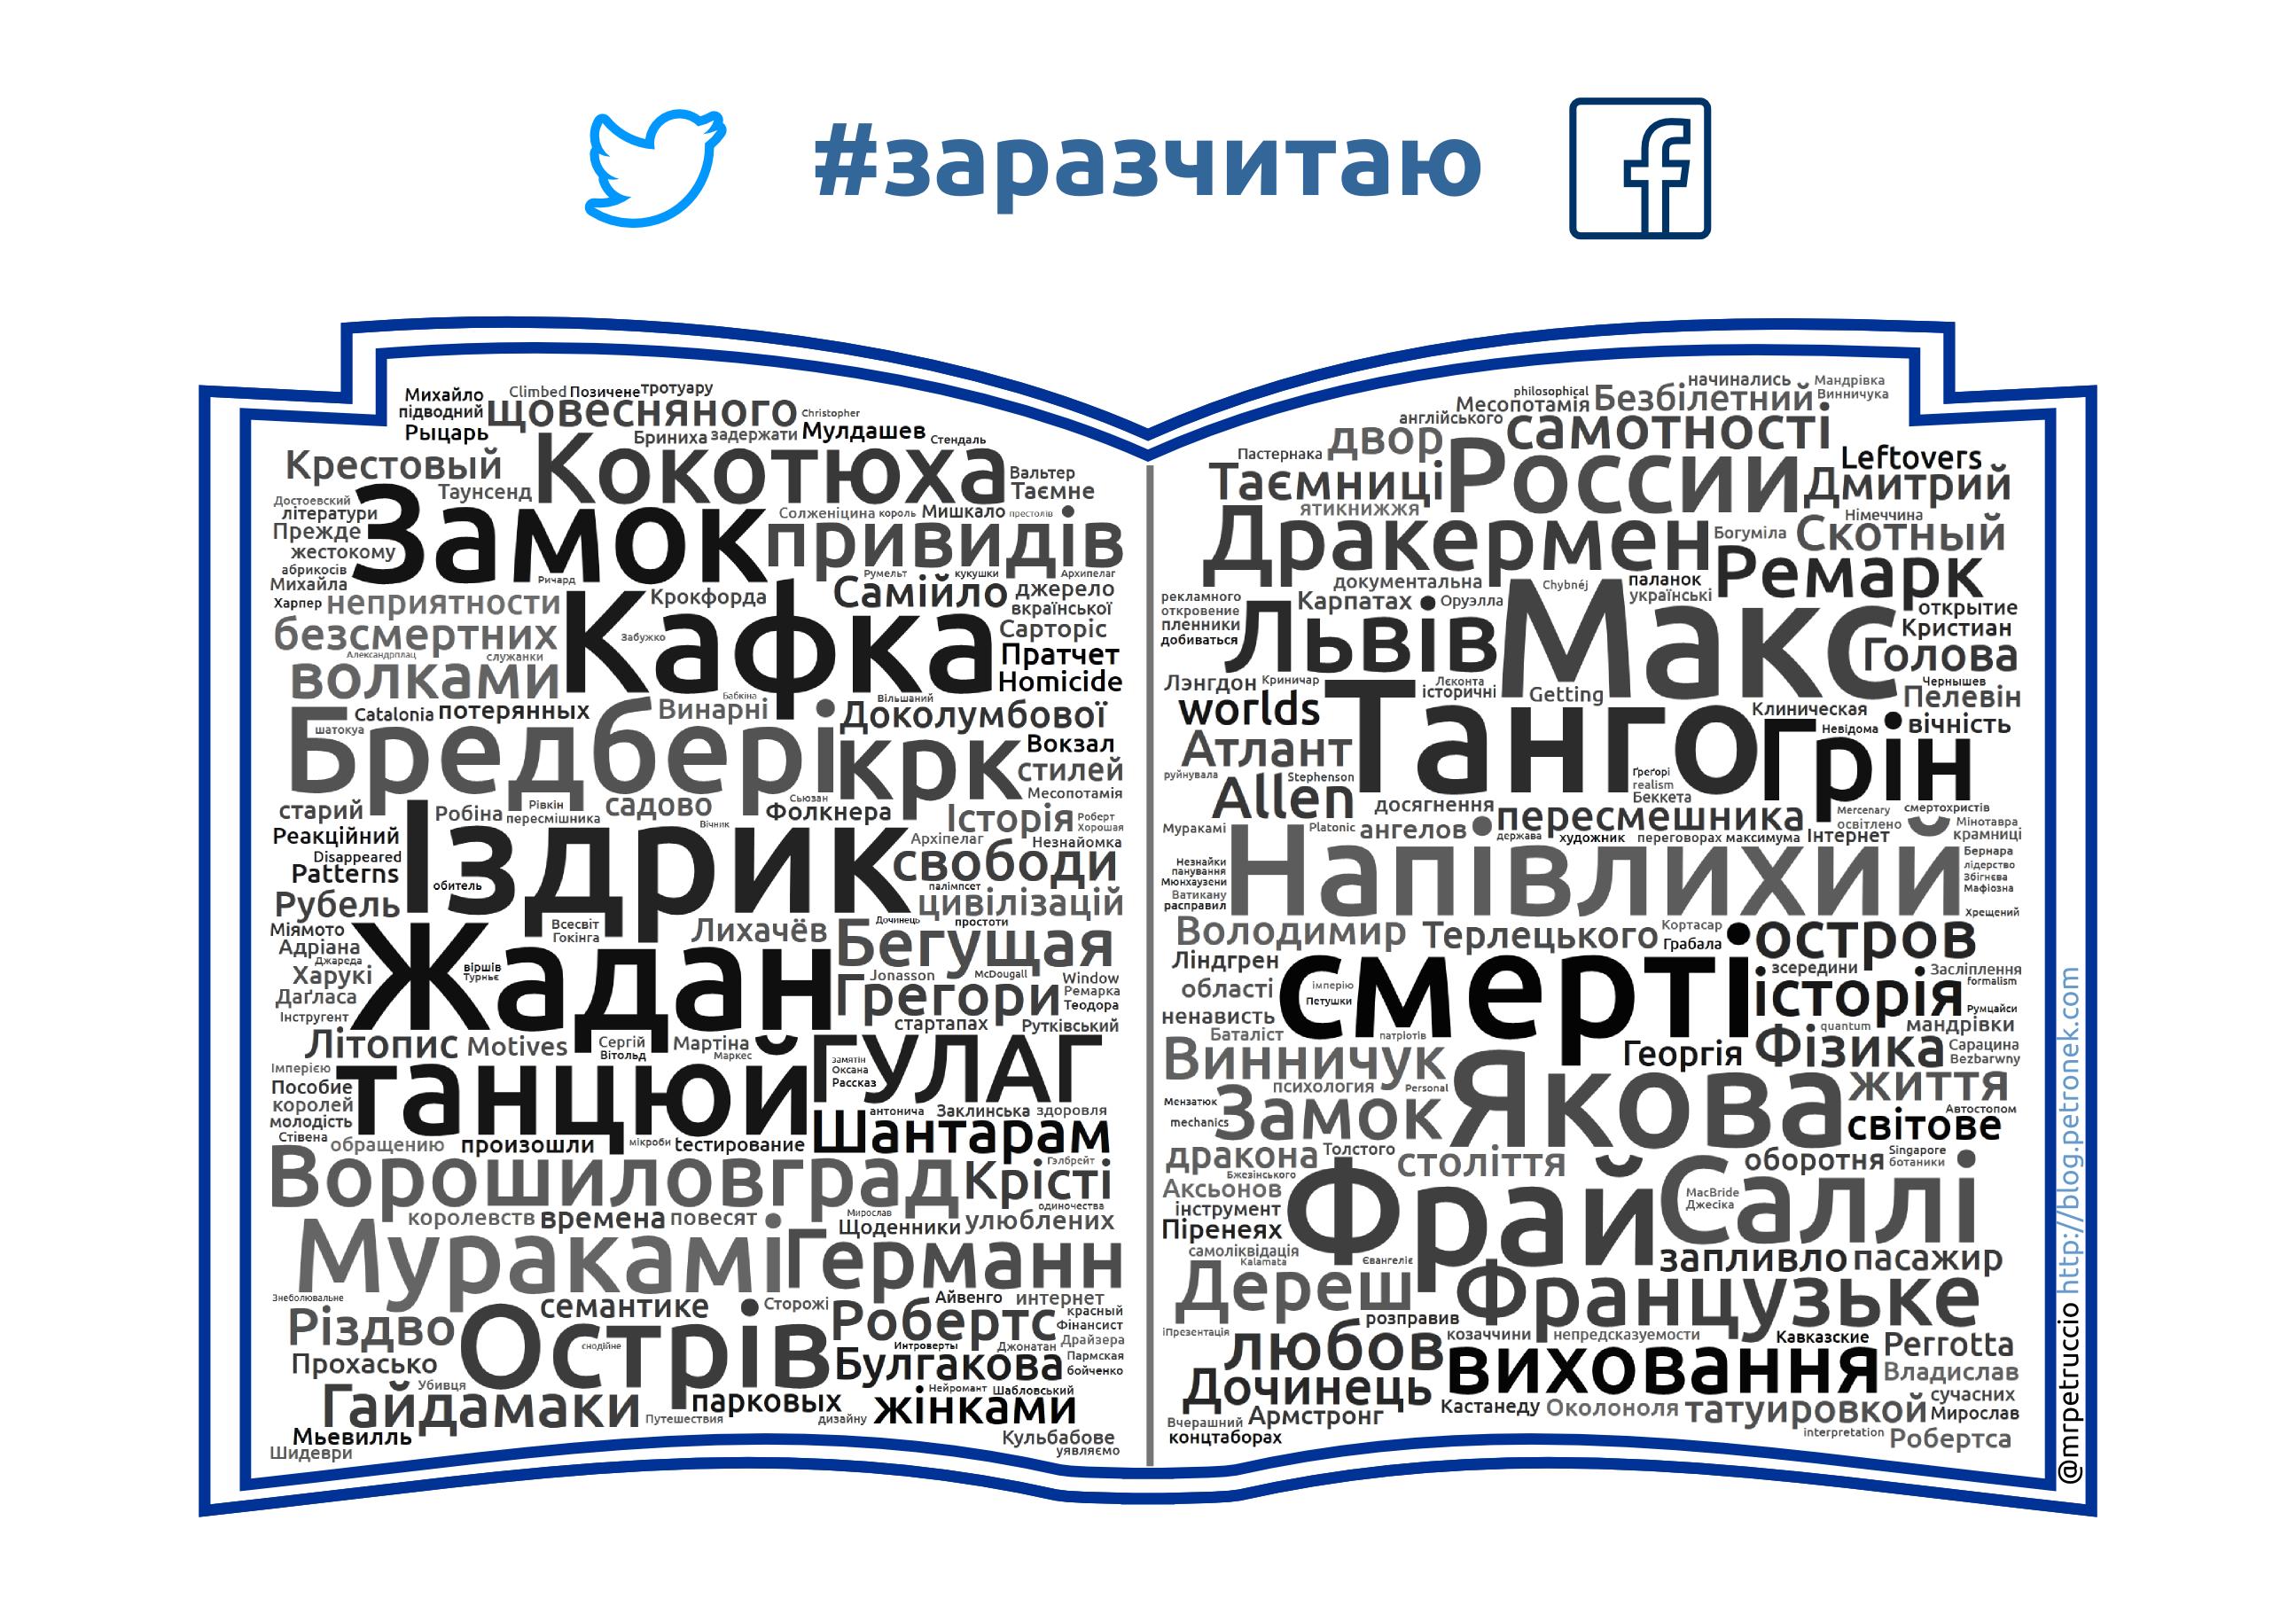 Що читає твітер та фейсбук